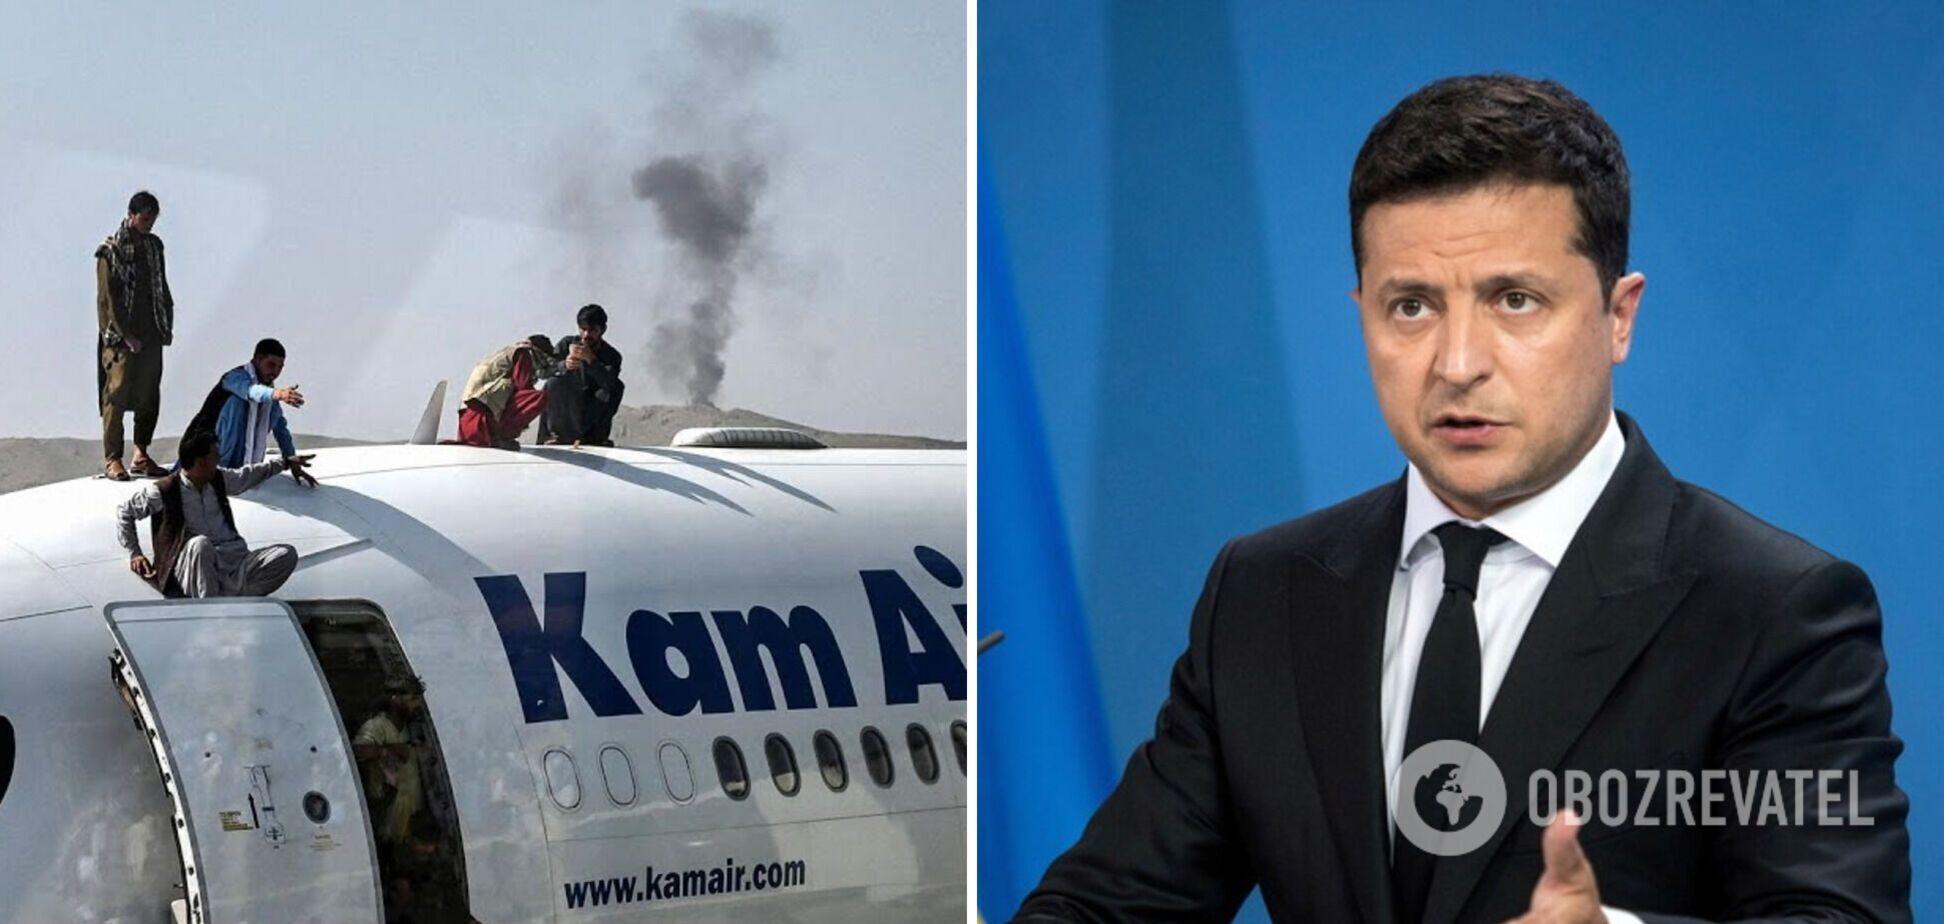 Афганці з паспортами України закликали Зеленського евакуювати їх з Афганістану. Відео